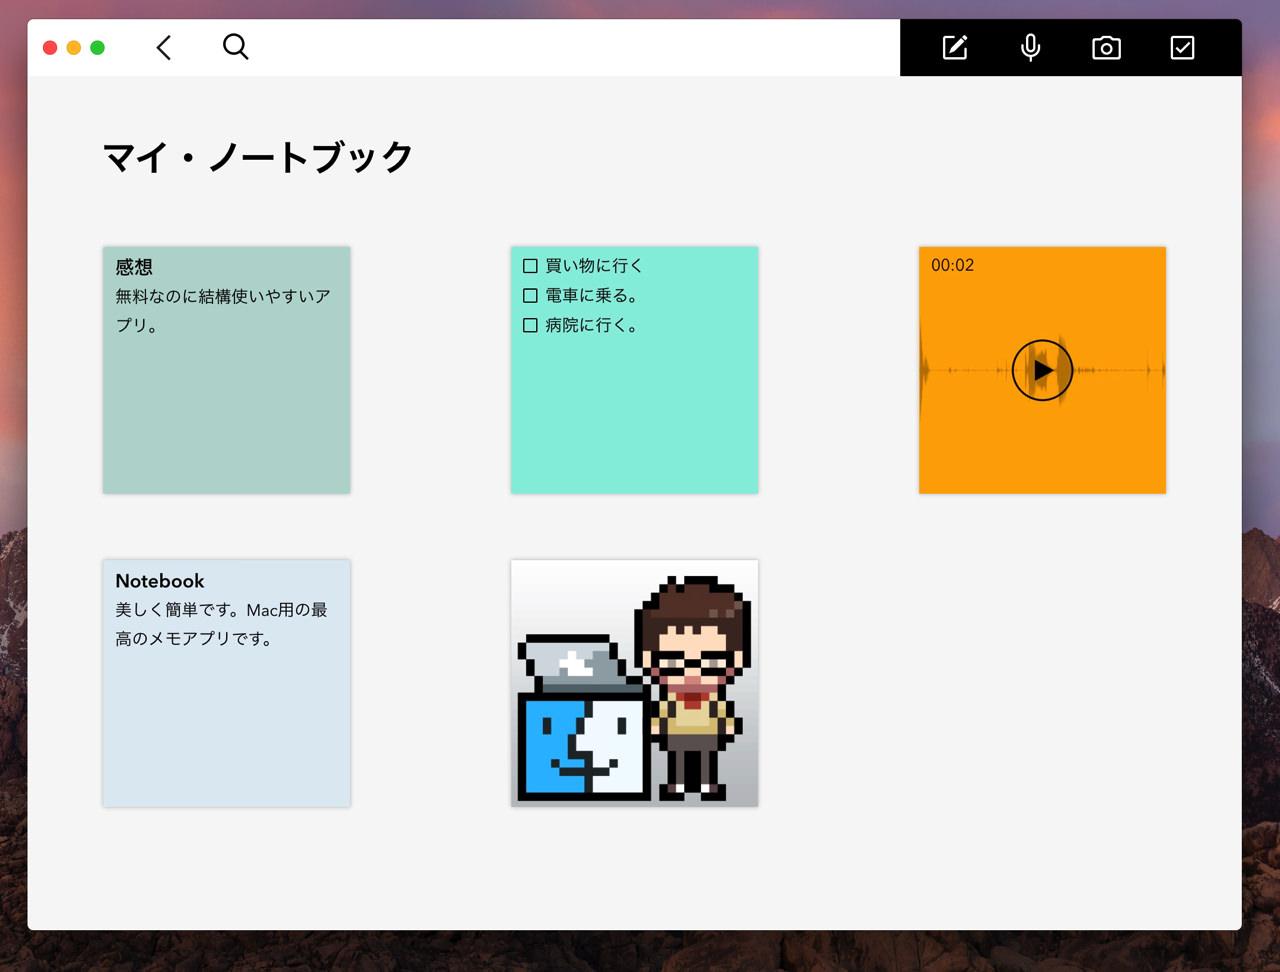 Notebook zoho11